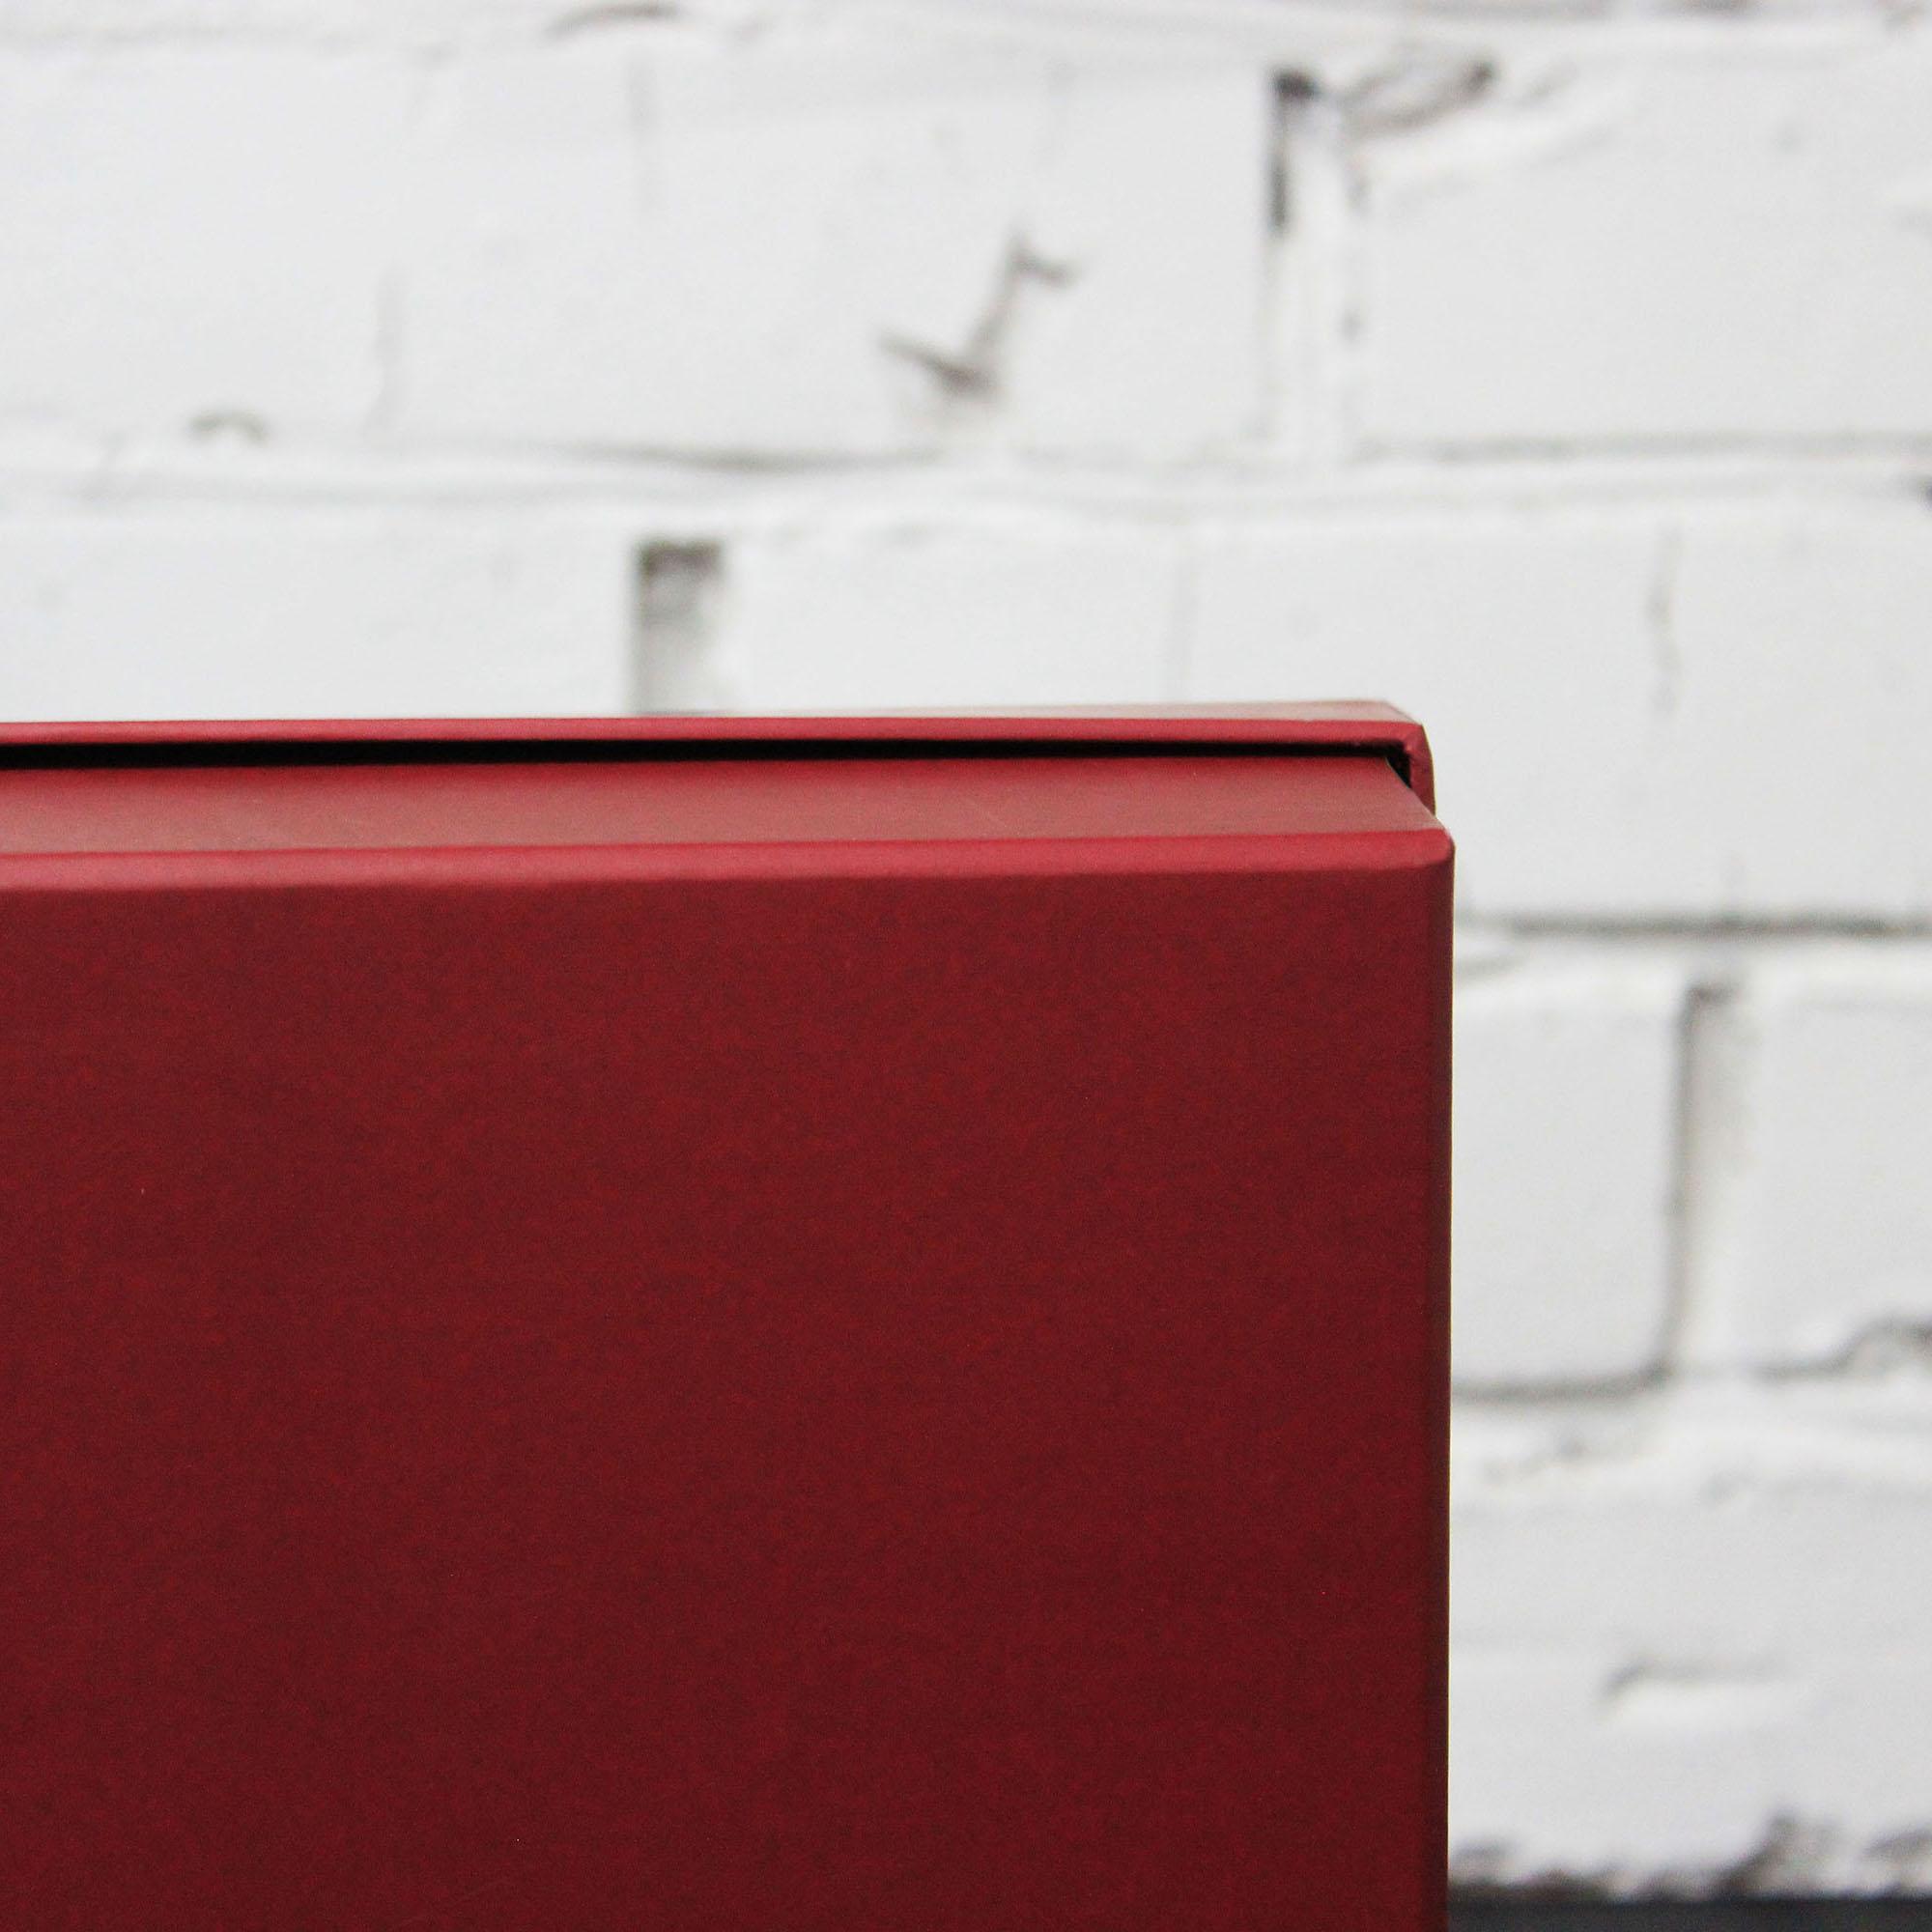 Кашированная брендированная коробочка